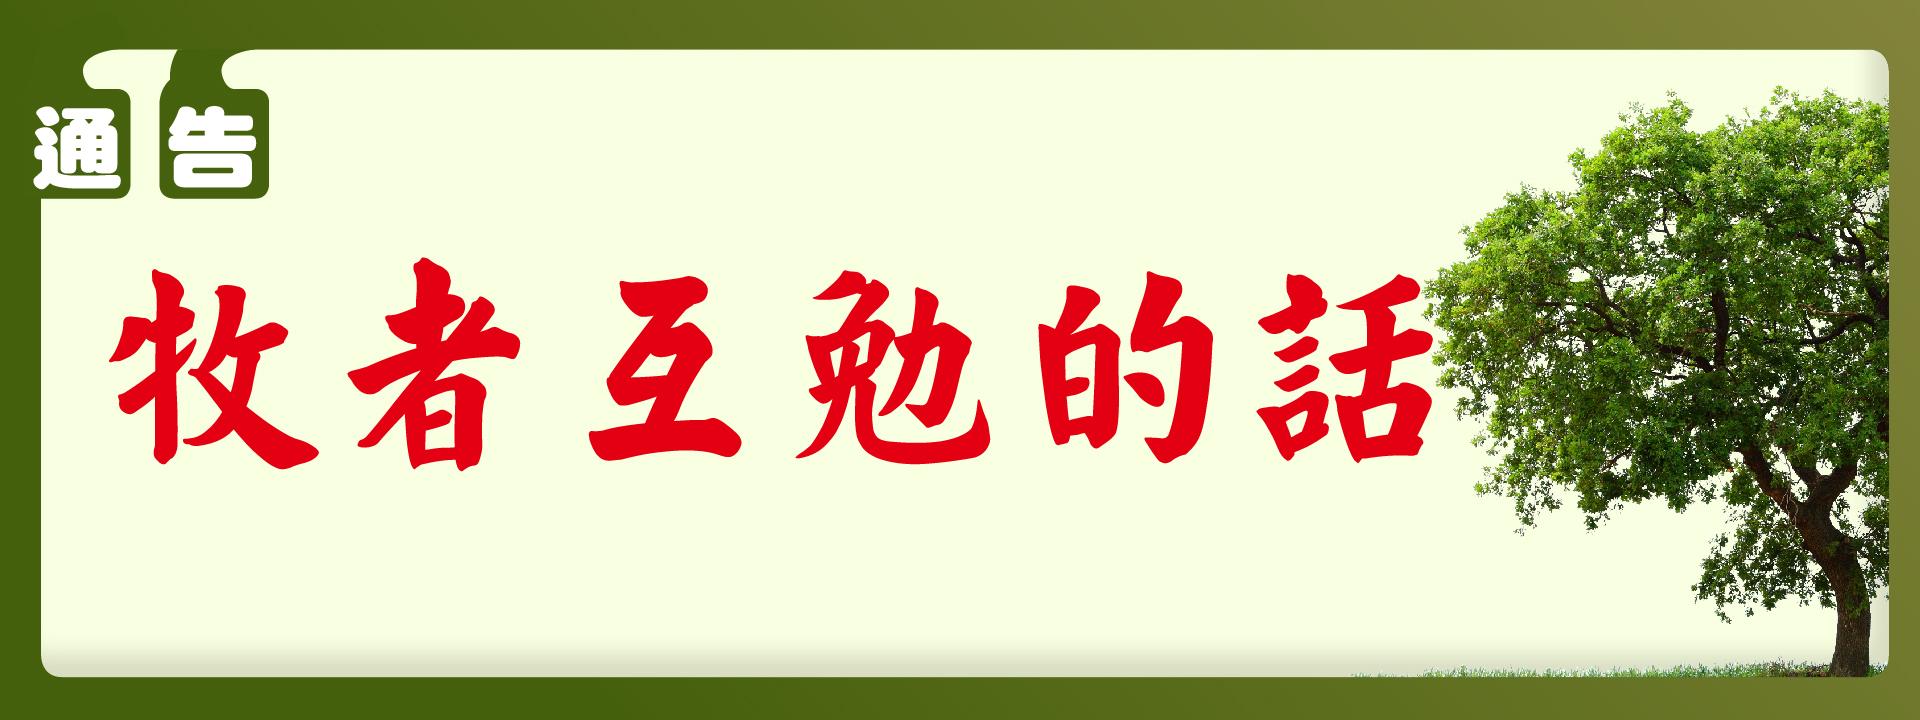 20200207SpSpeech_banner-02